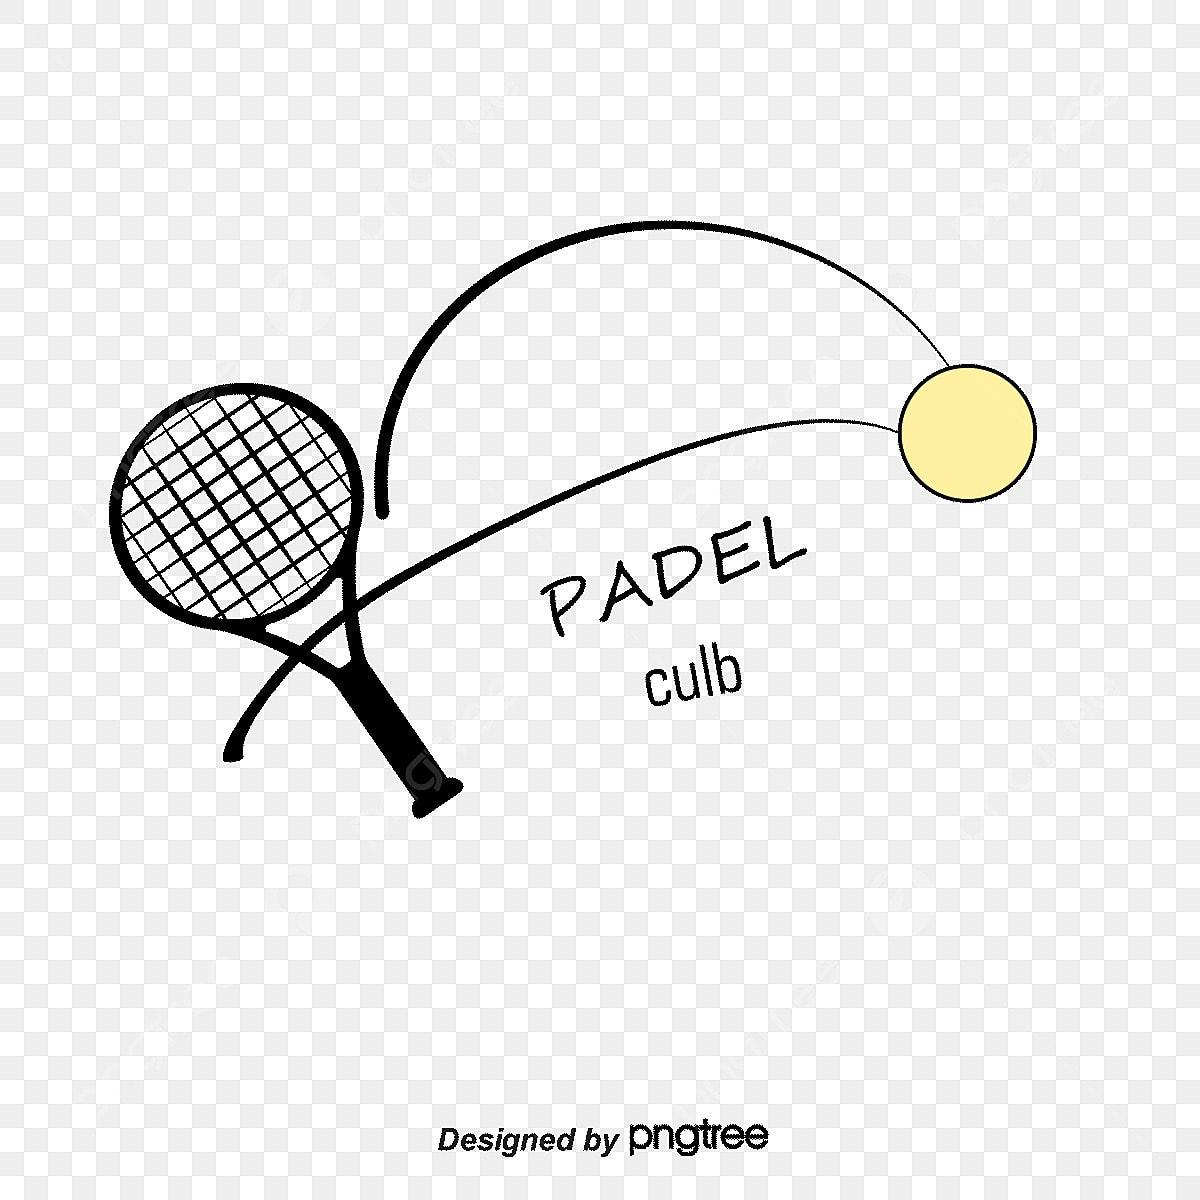 Le Vecteur De La Raquette De Tennis Raquette Mouvement Le Sport Fichier Png Et Psd Pour Le Telechargement Libre